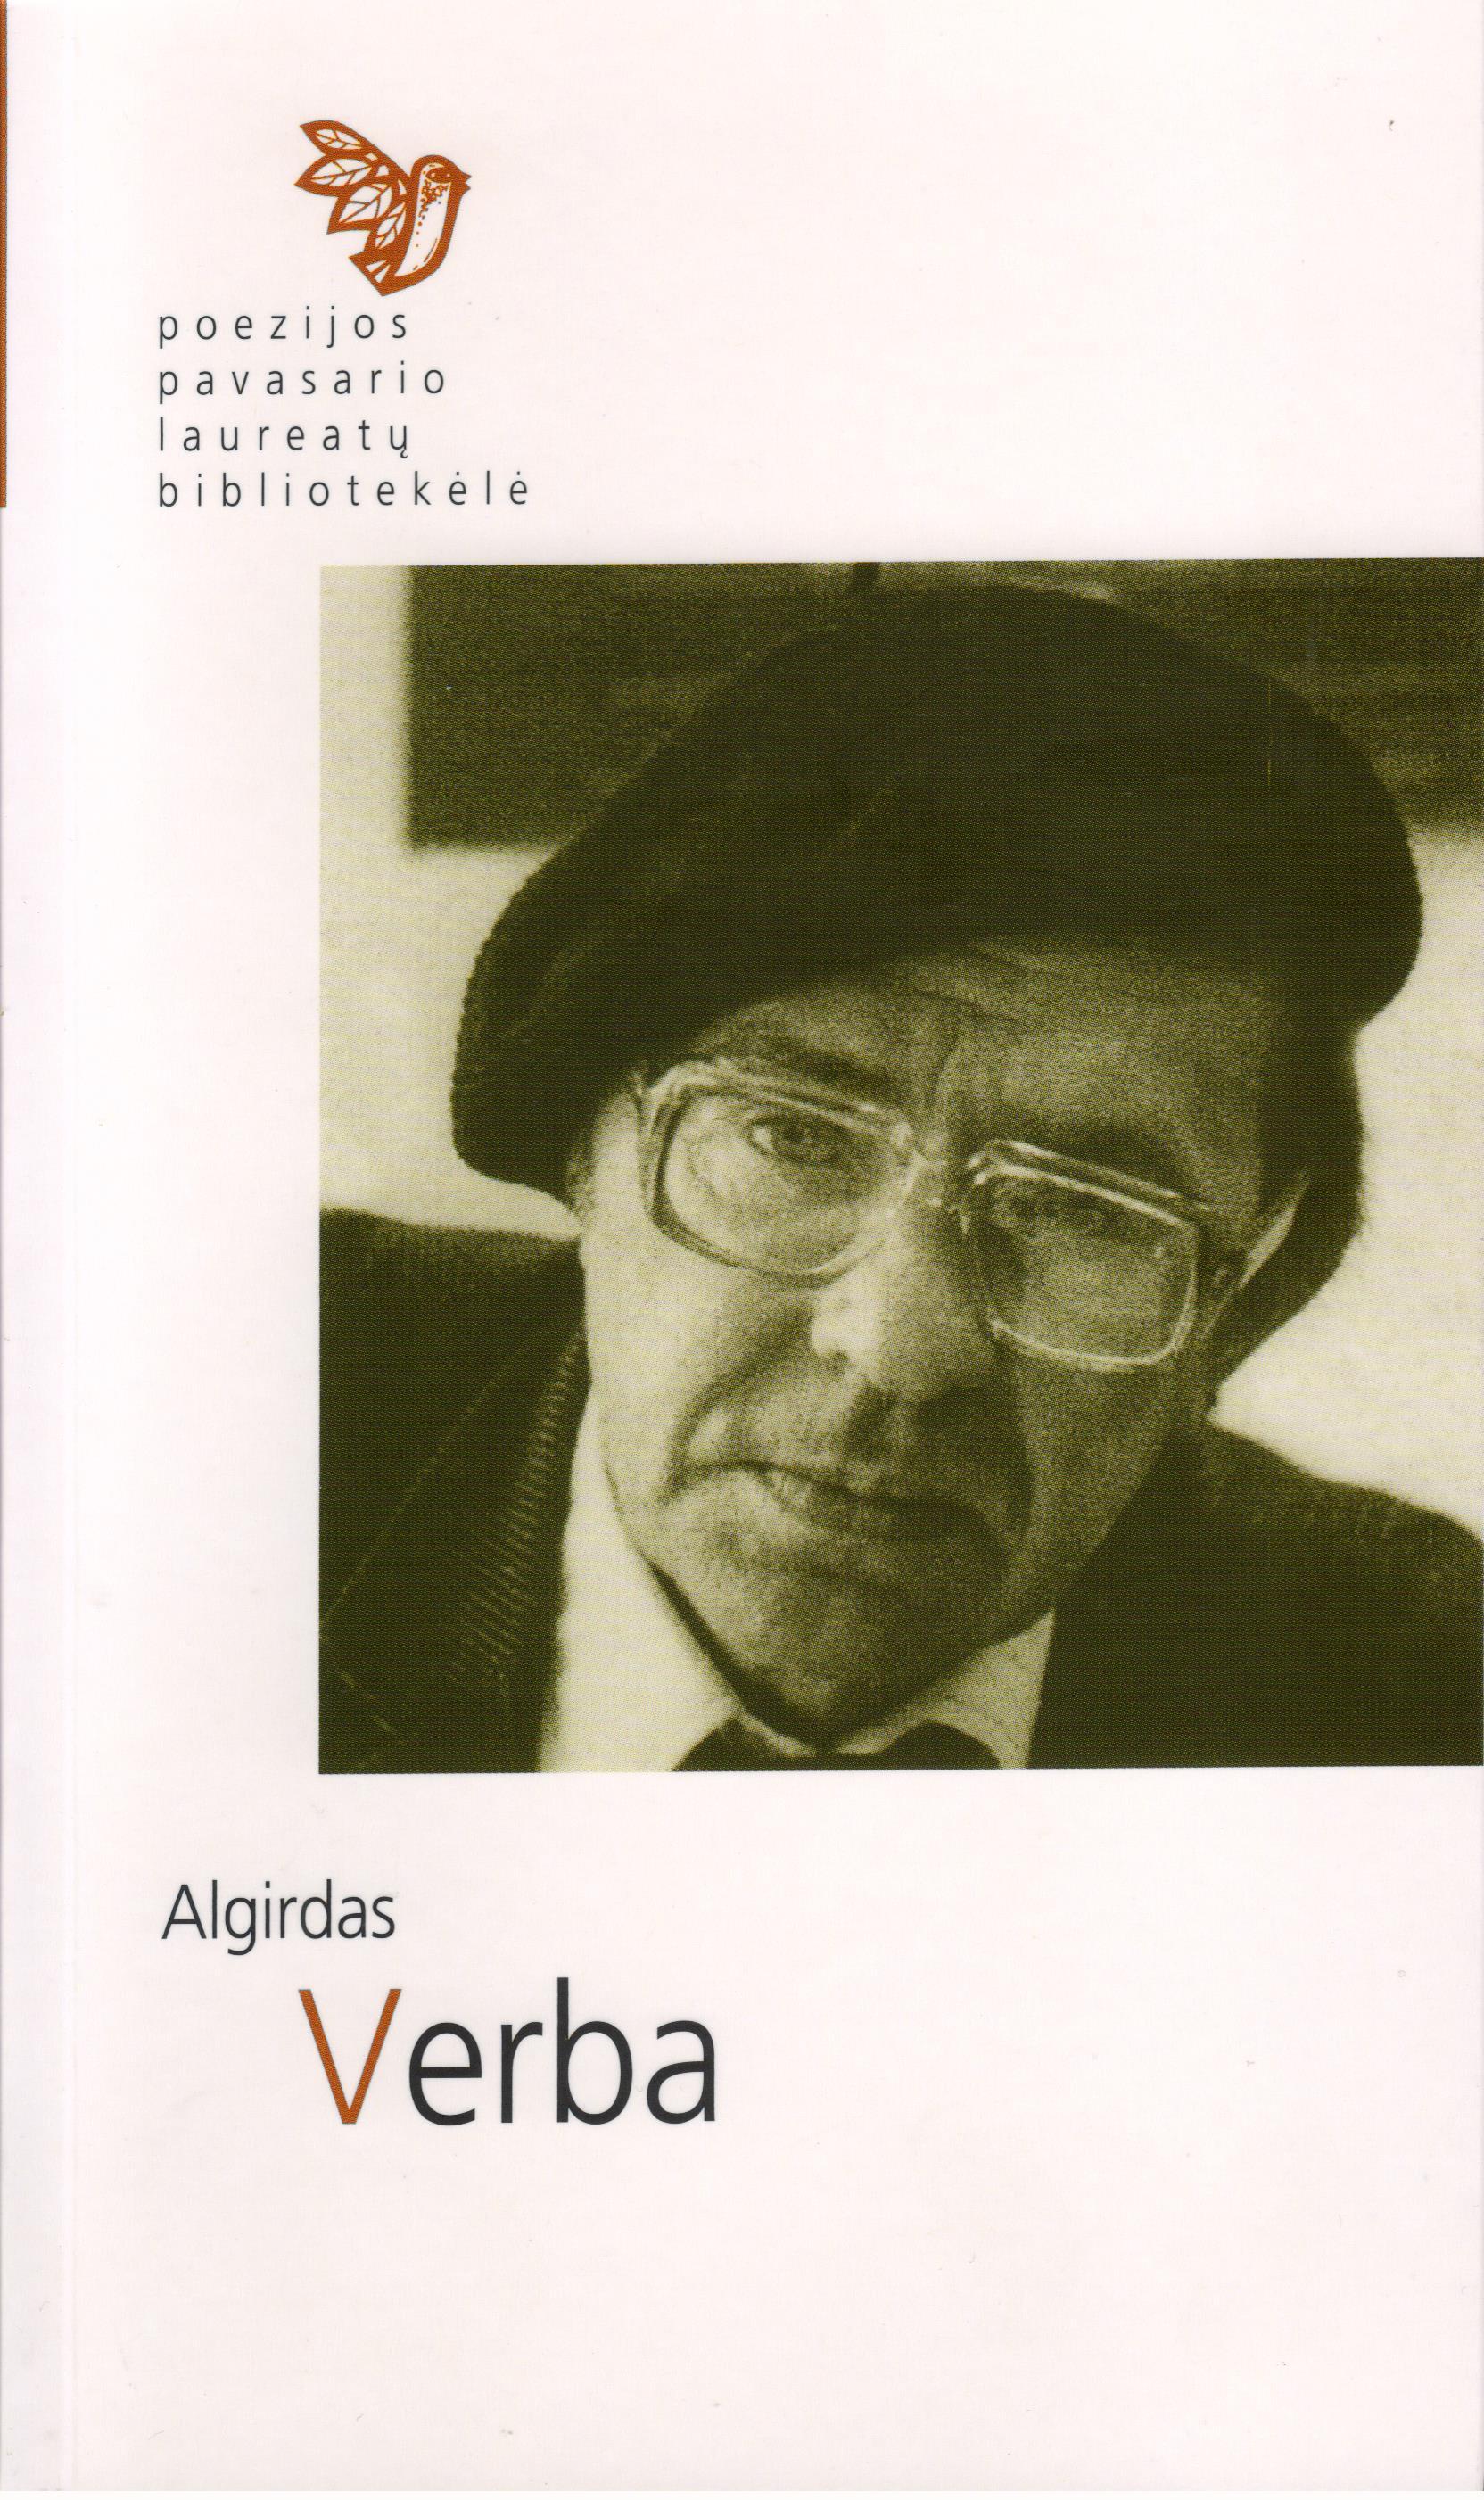 Poezijos pavasario laureatų bibliotekėlė. Algirdas Verba: eilėraščiai. (Kaunas: Naujasis lankas: Kauno meno kūrėjų asociacija, 2015)